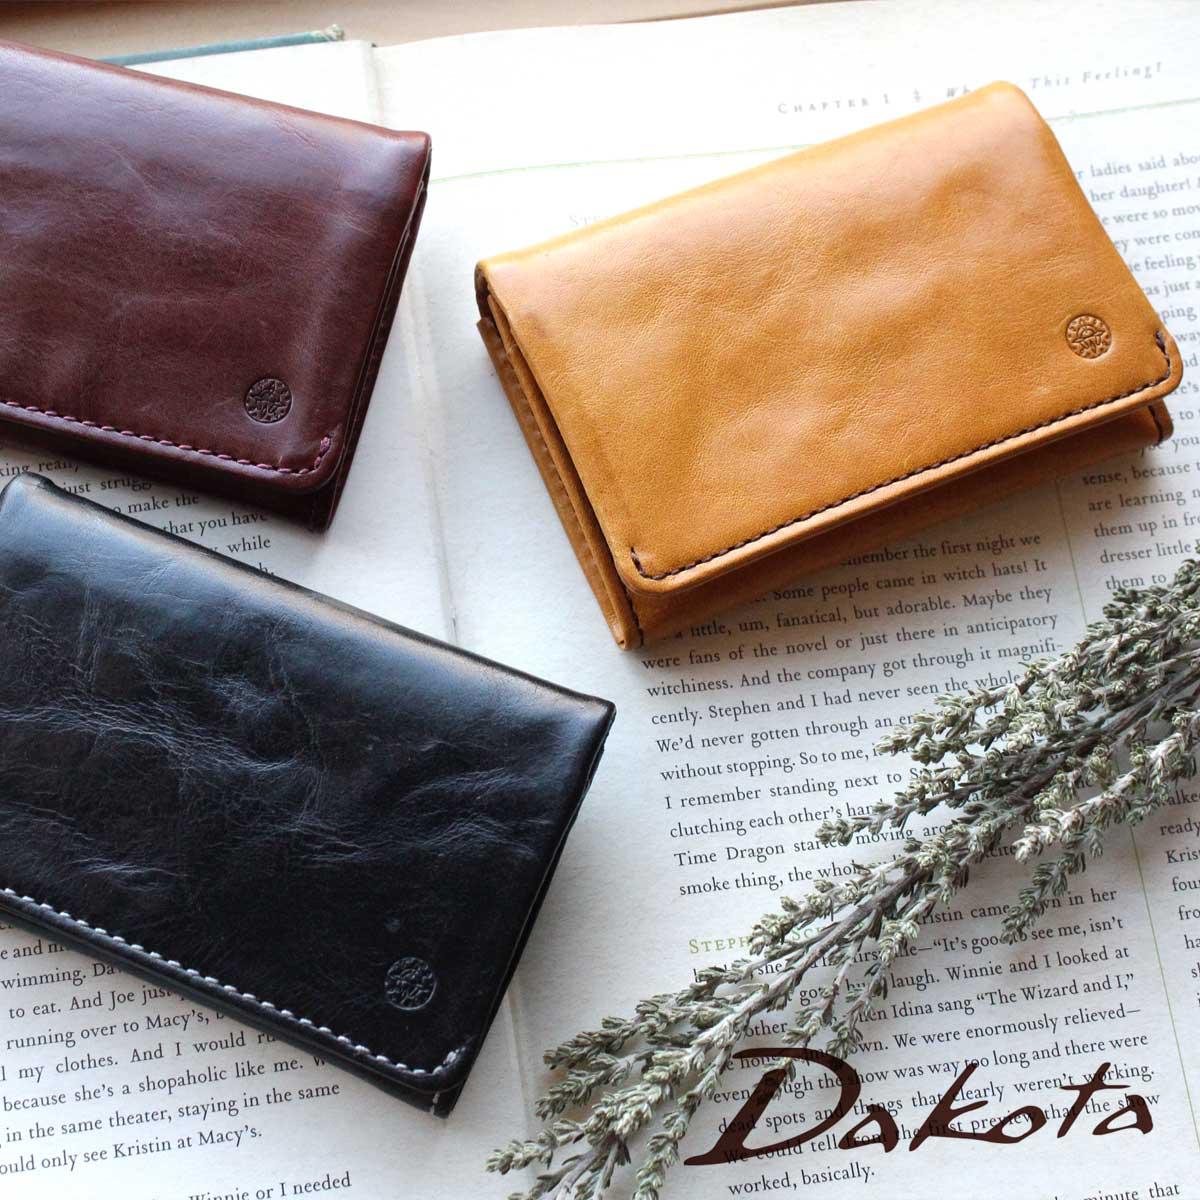 ダコタ Dakota 財布 レザー プレゼントラッピング無料です。 カードケース Dakota ダコタ クラプトン 名刺入れ 0035122(0031522) - beavotron.com